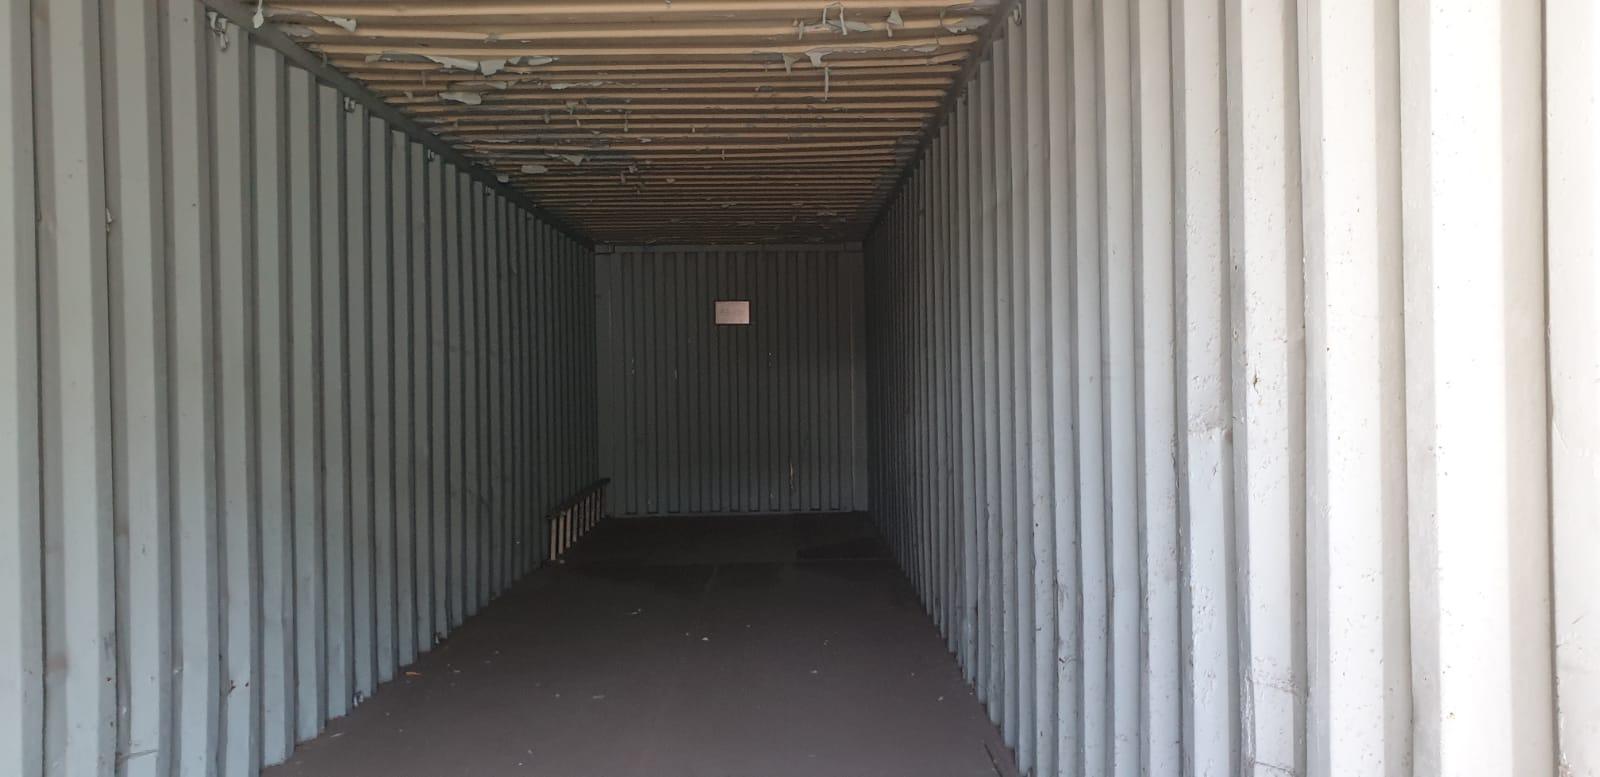 גלרייה - סיור לנמל אשדוד ספטמבר 2019, 25 מתוך 29